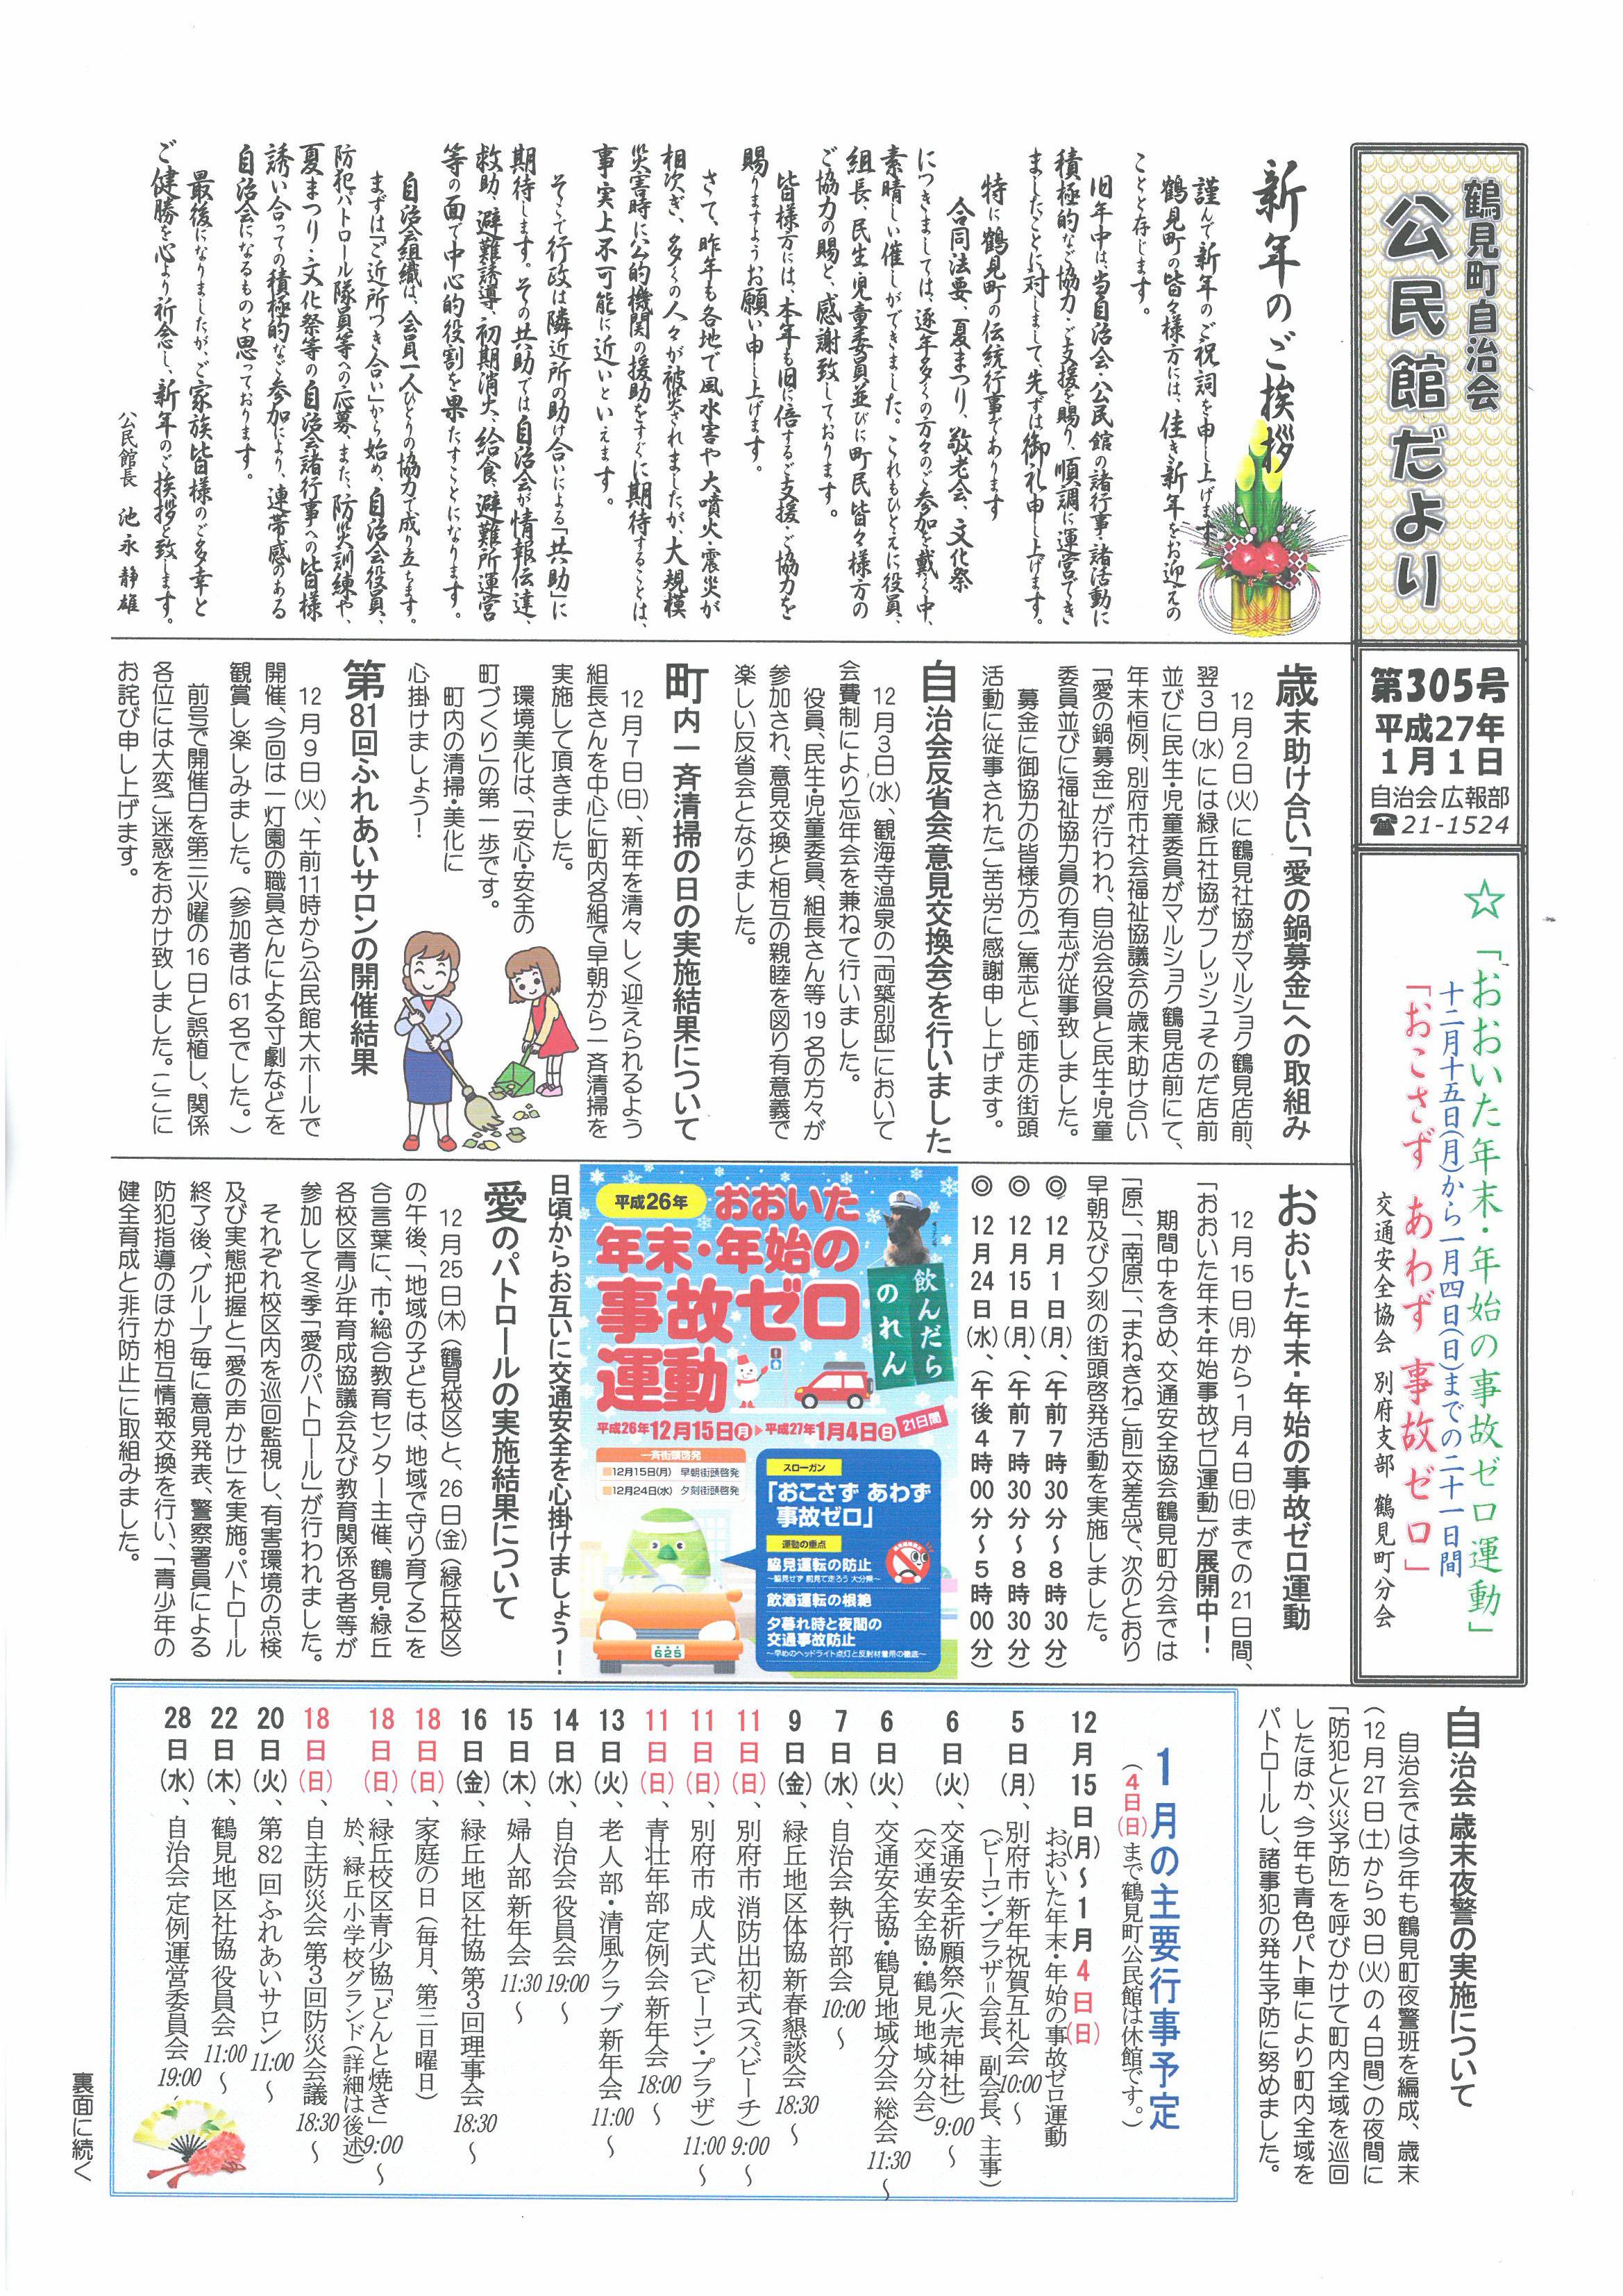 tsurumi2015_01_01